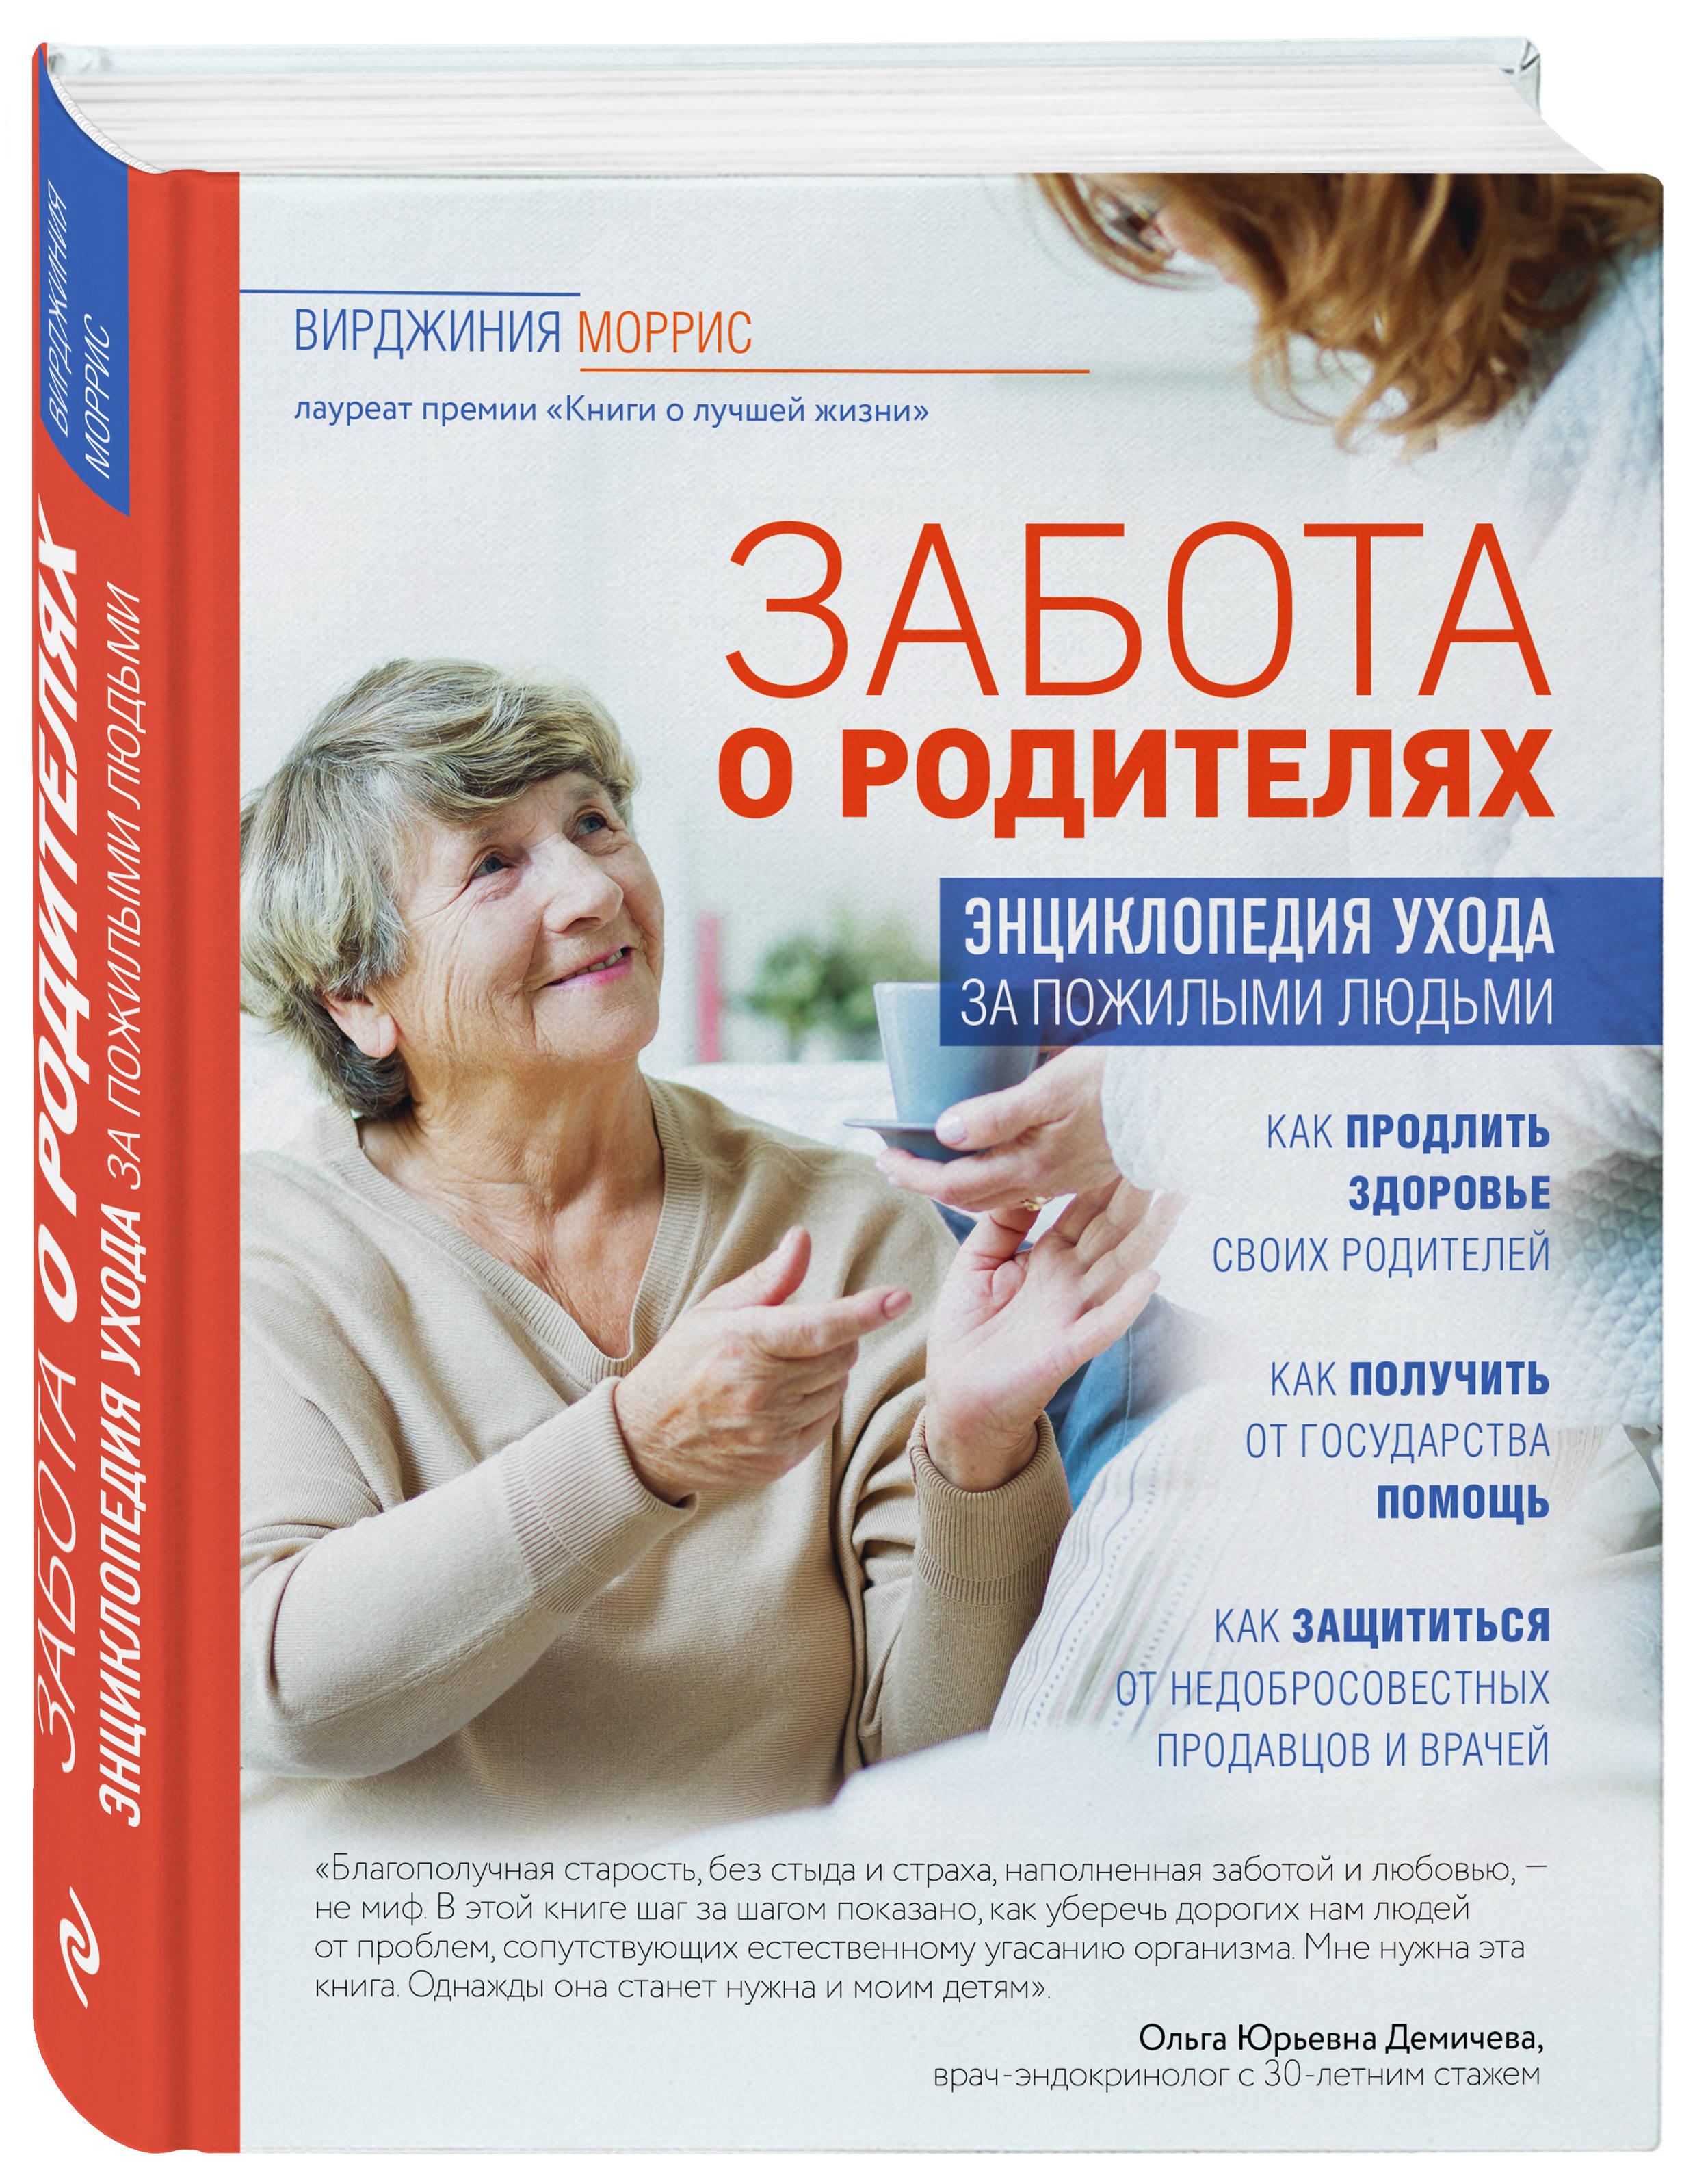 Забота о родителях. Энциклопедия по уходу за пожилыми людьми ( Вирджиния Моррис  )